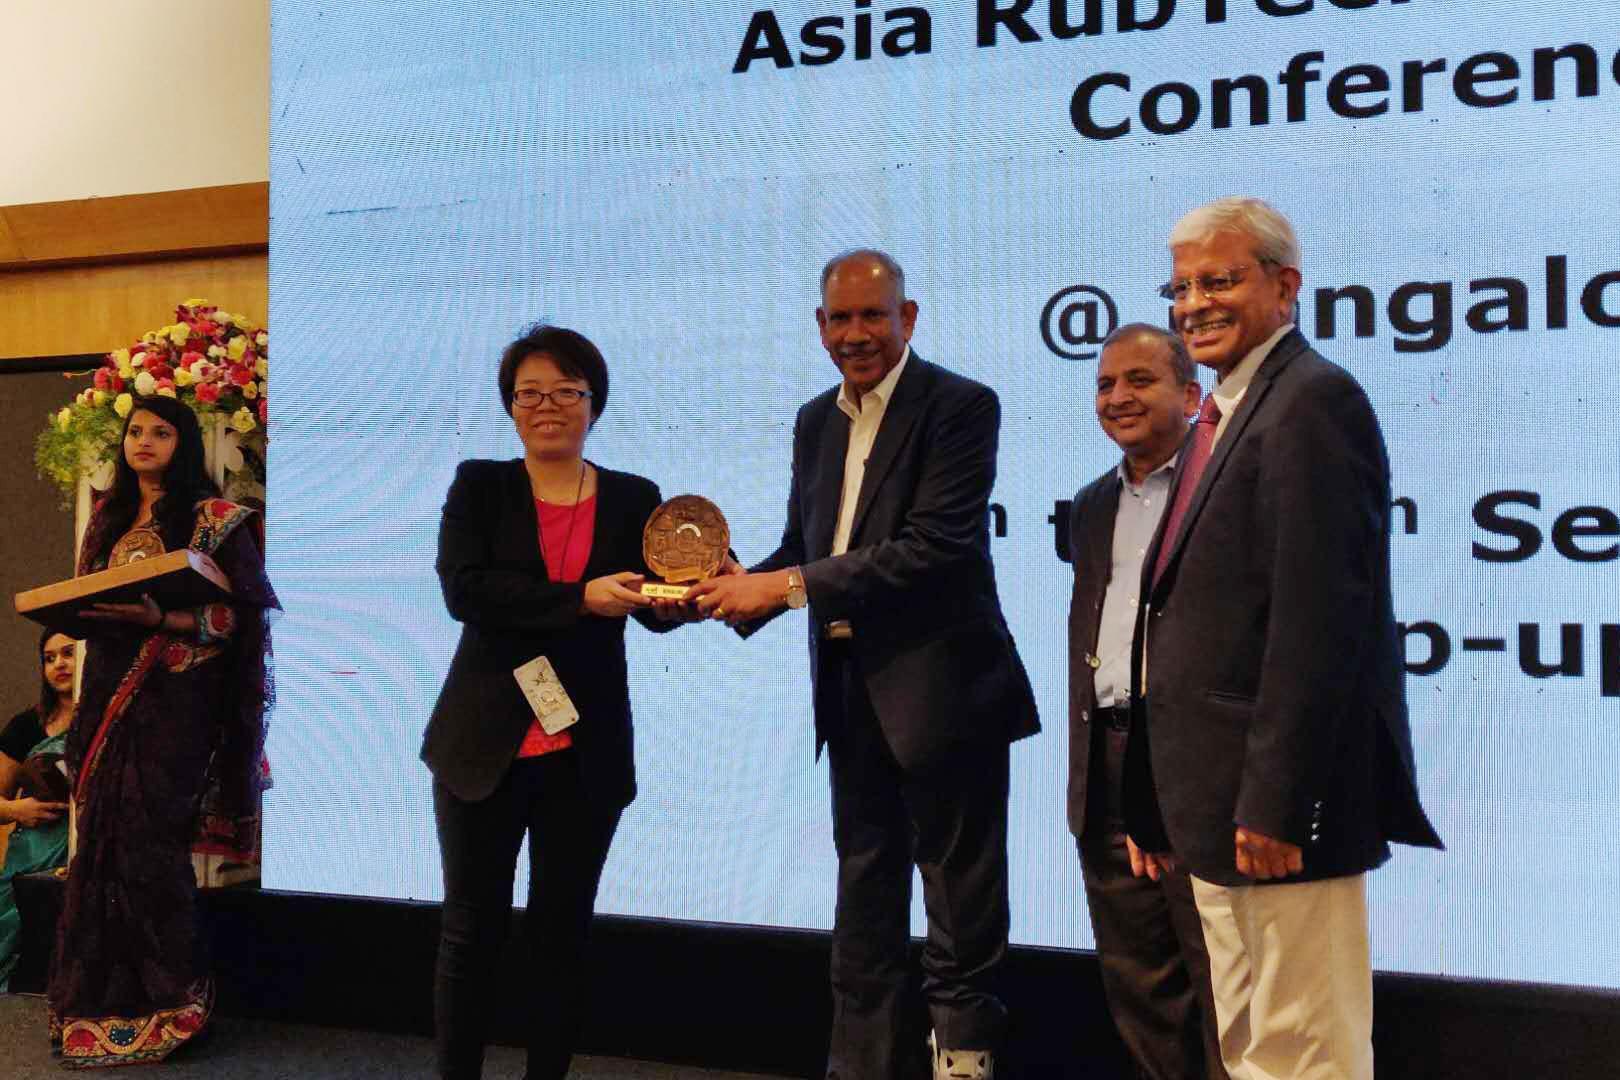 科迈股份助力2018年亚洲橡胶技术博览会!